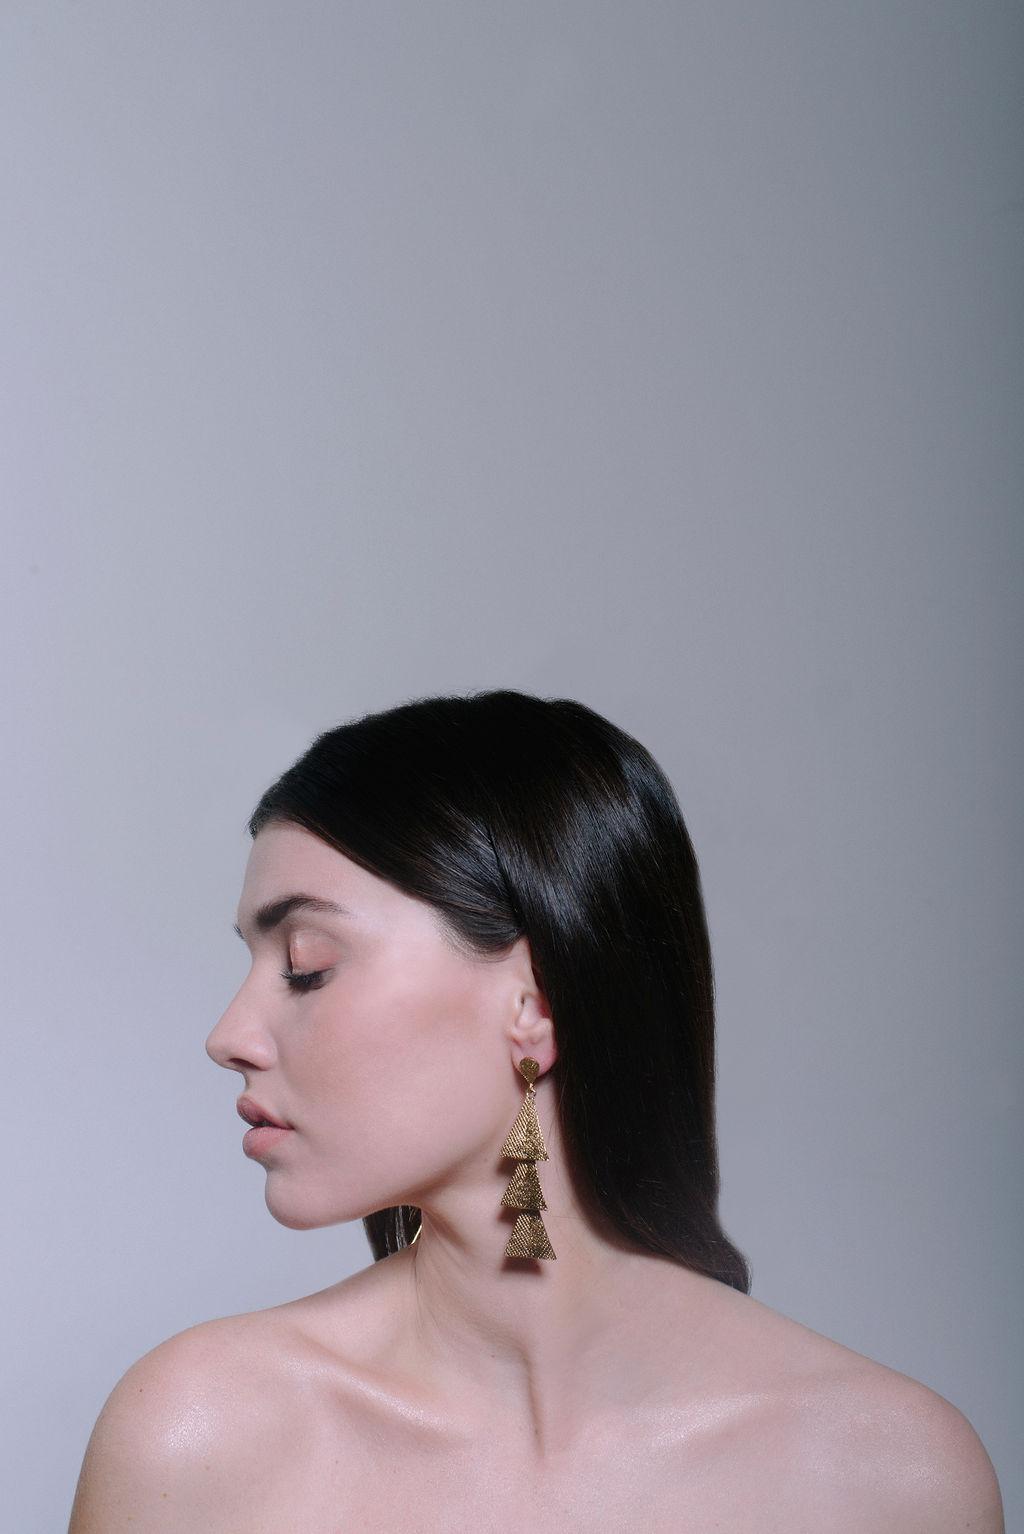 Fashioneditophotoshoot-Lespetitesdecoupes-EmmanuelleMartyphotography-3